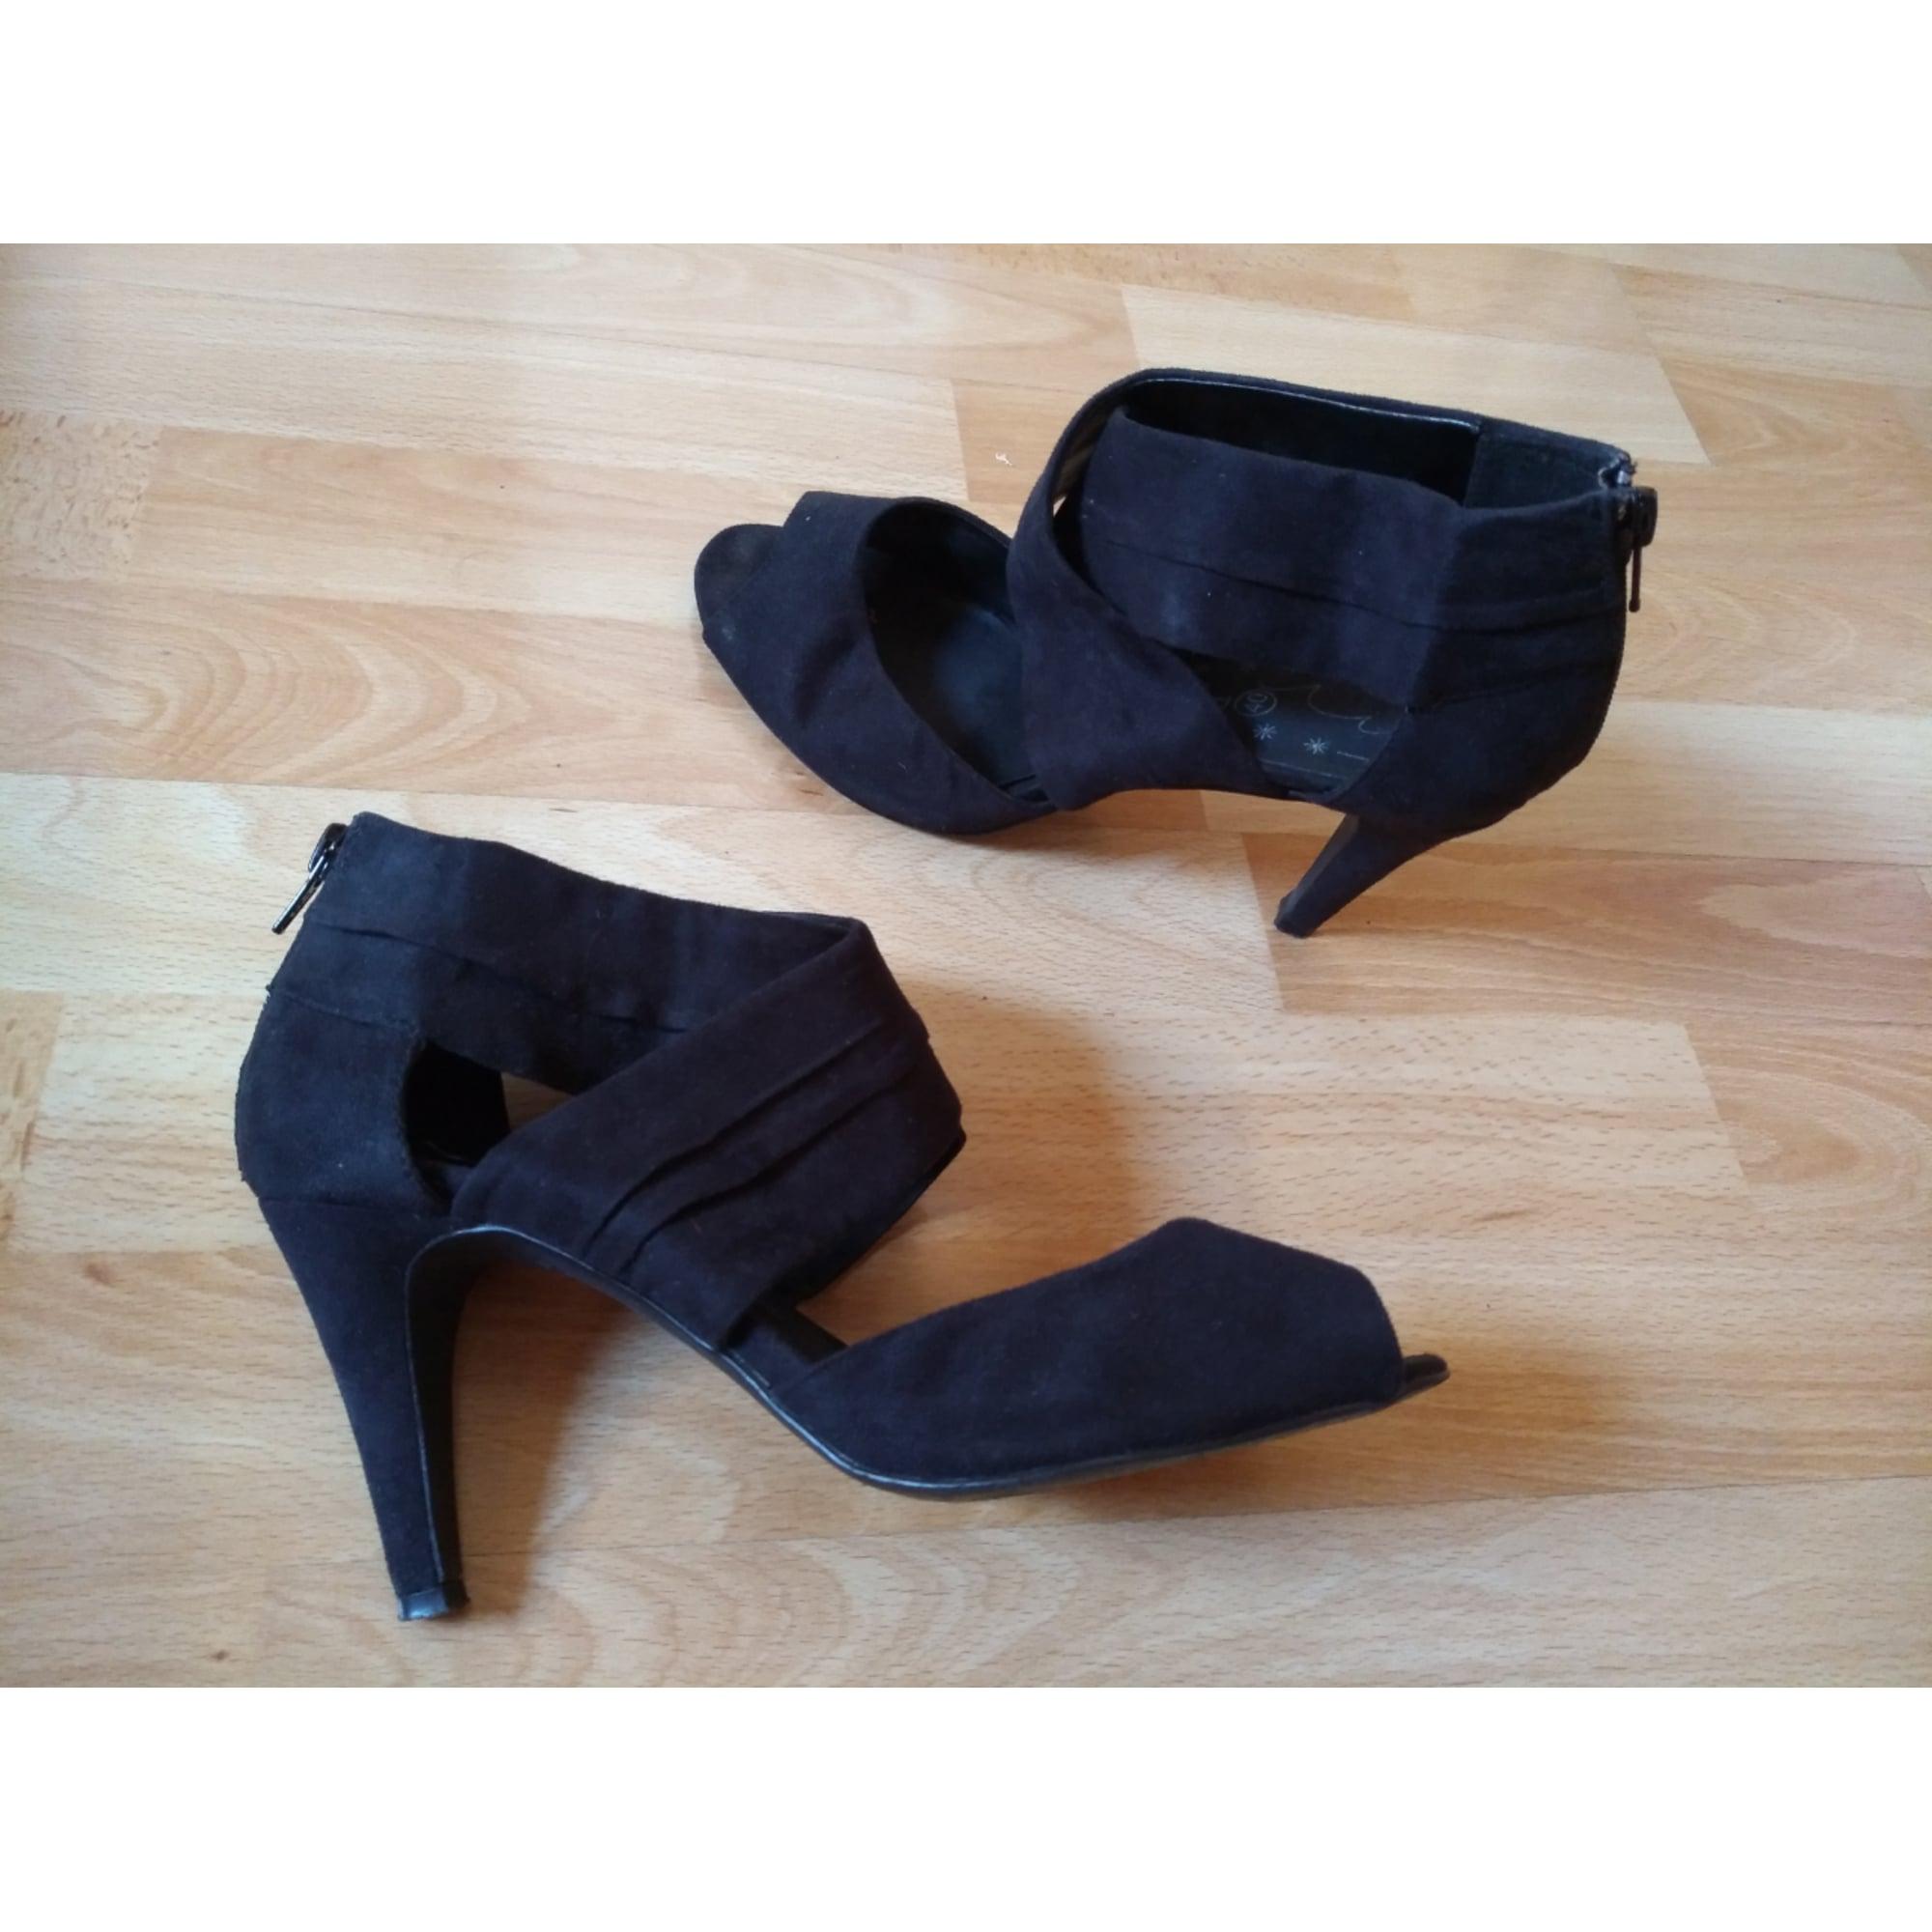 ee0357f3170c1b Heeled Sandals PROMOD 40 black - 7577692